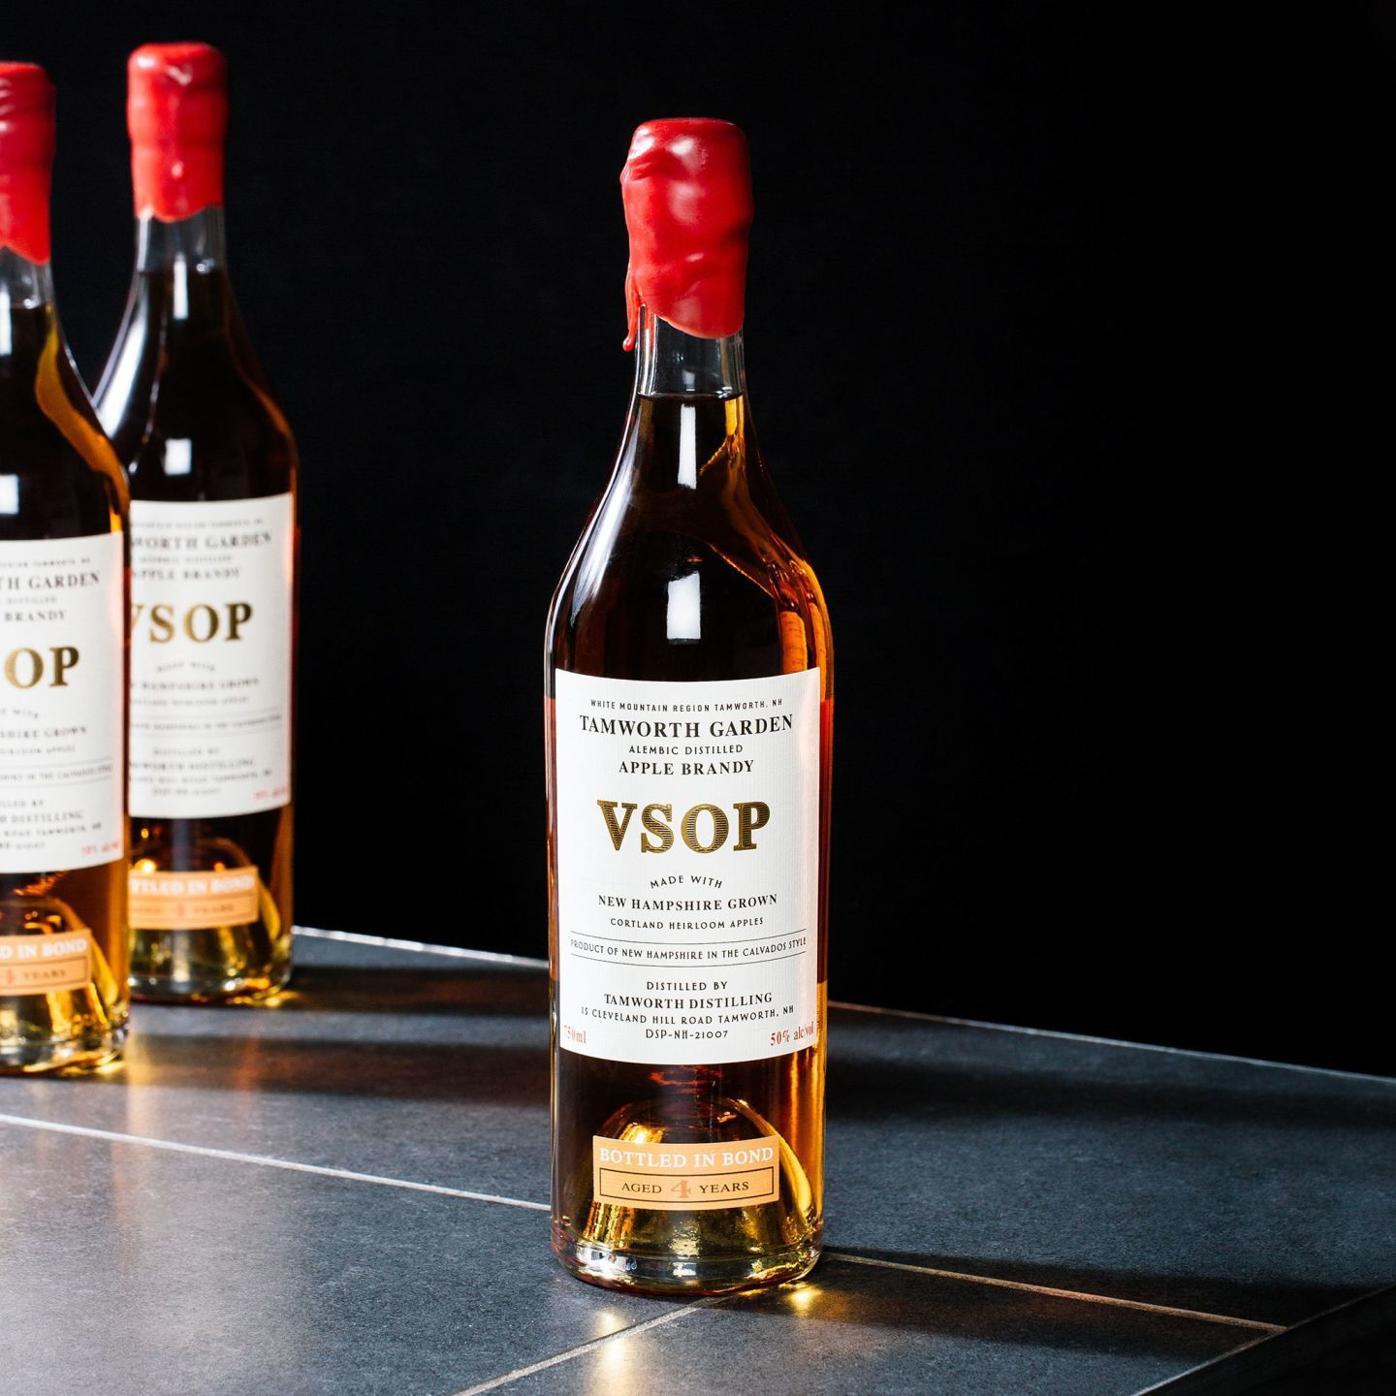 V.S.O.P brandy